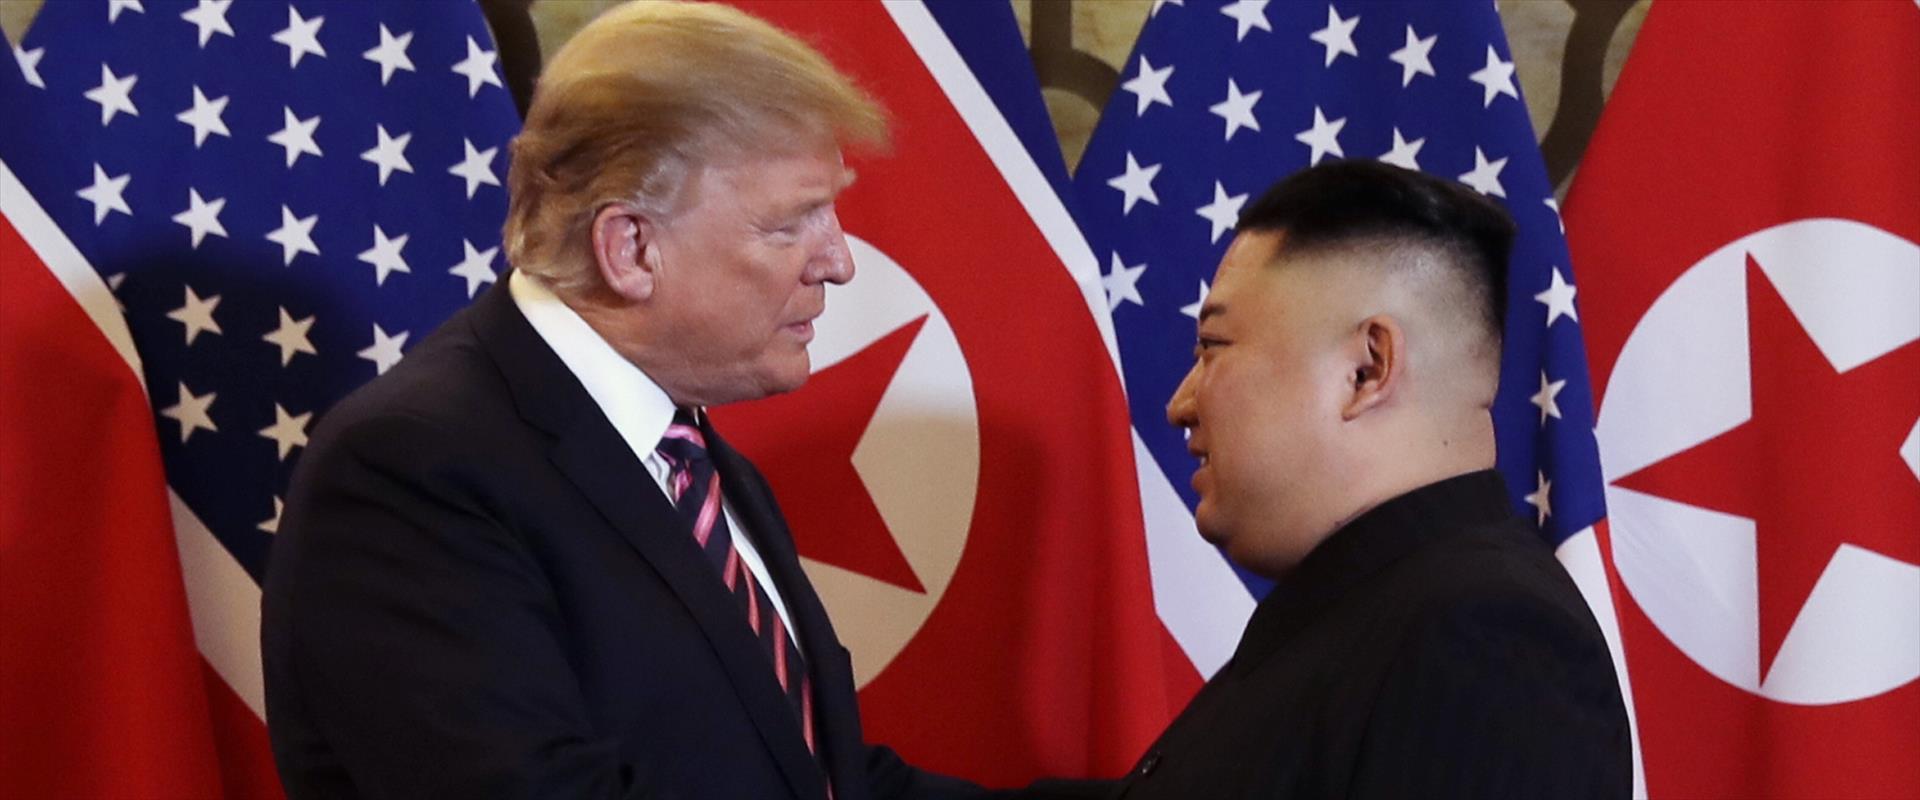 נשיא ארצות הברית דונלד טראמפ ומנהיג קוריאה הצפונית